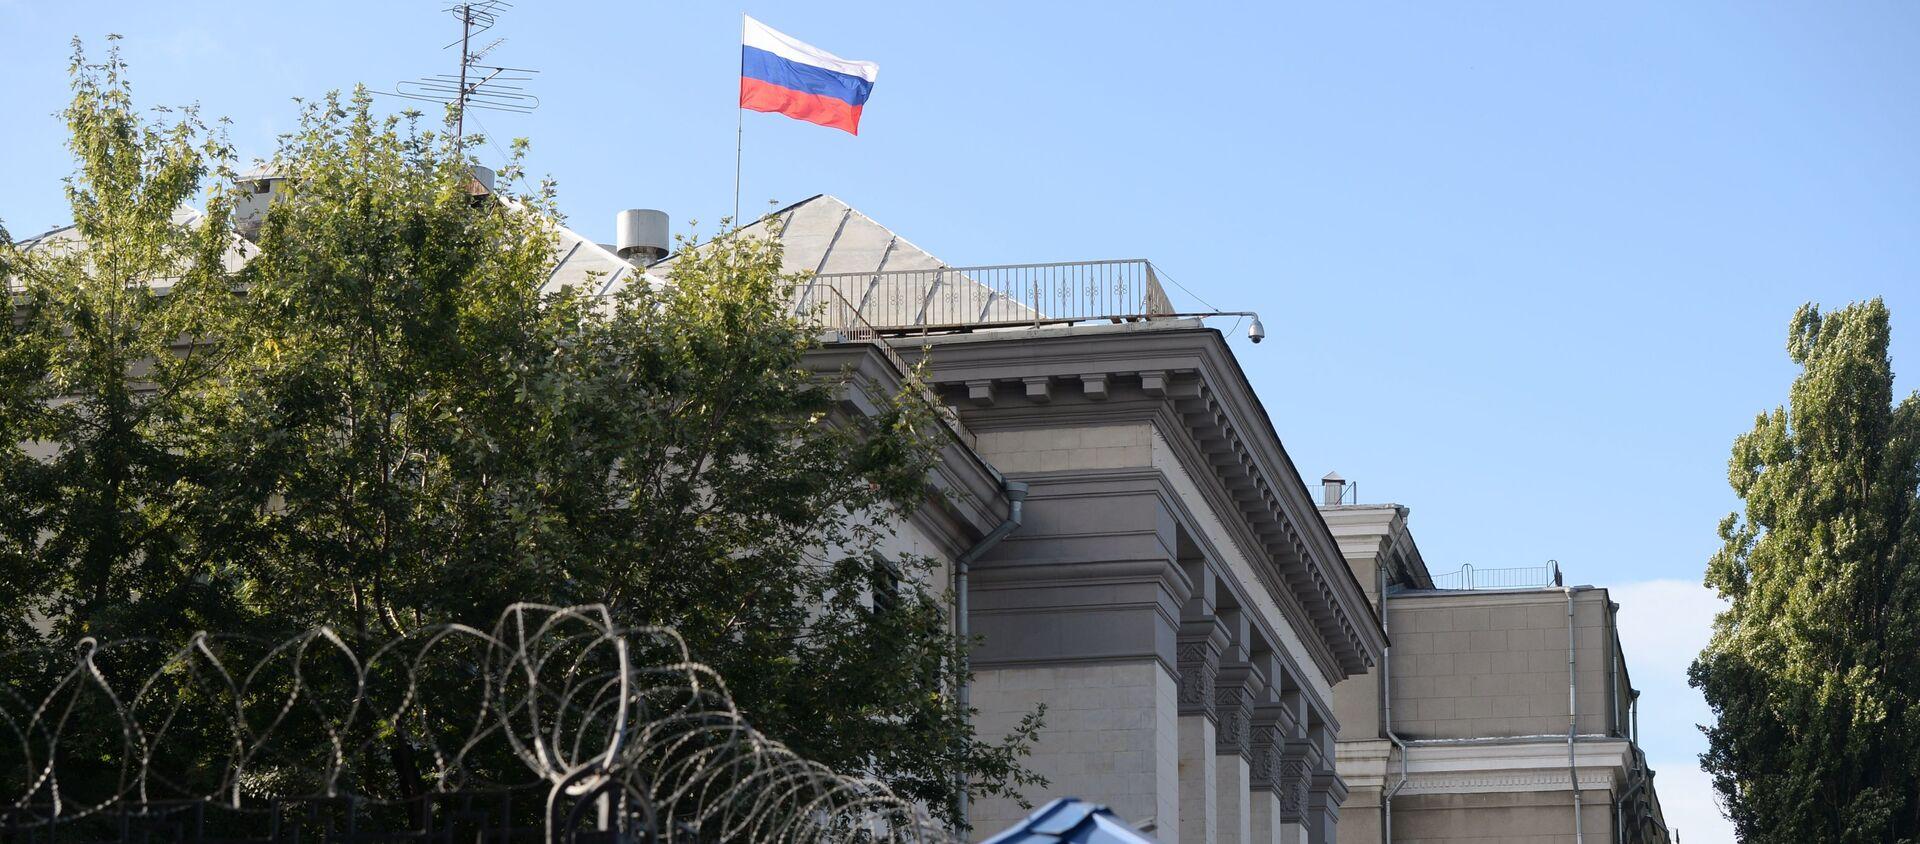 Budynek Ambasady Federacji Rosyjskiej w Kijowie - Sputnik Polska, 1920, 17.04.2021